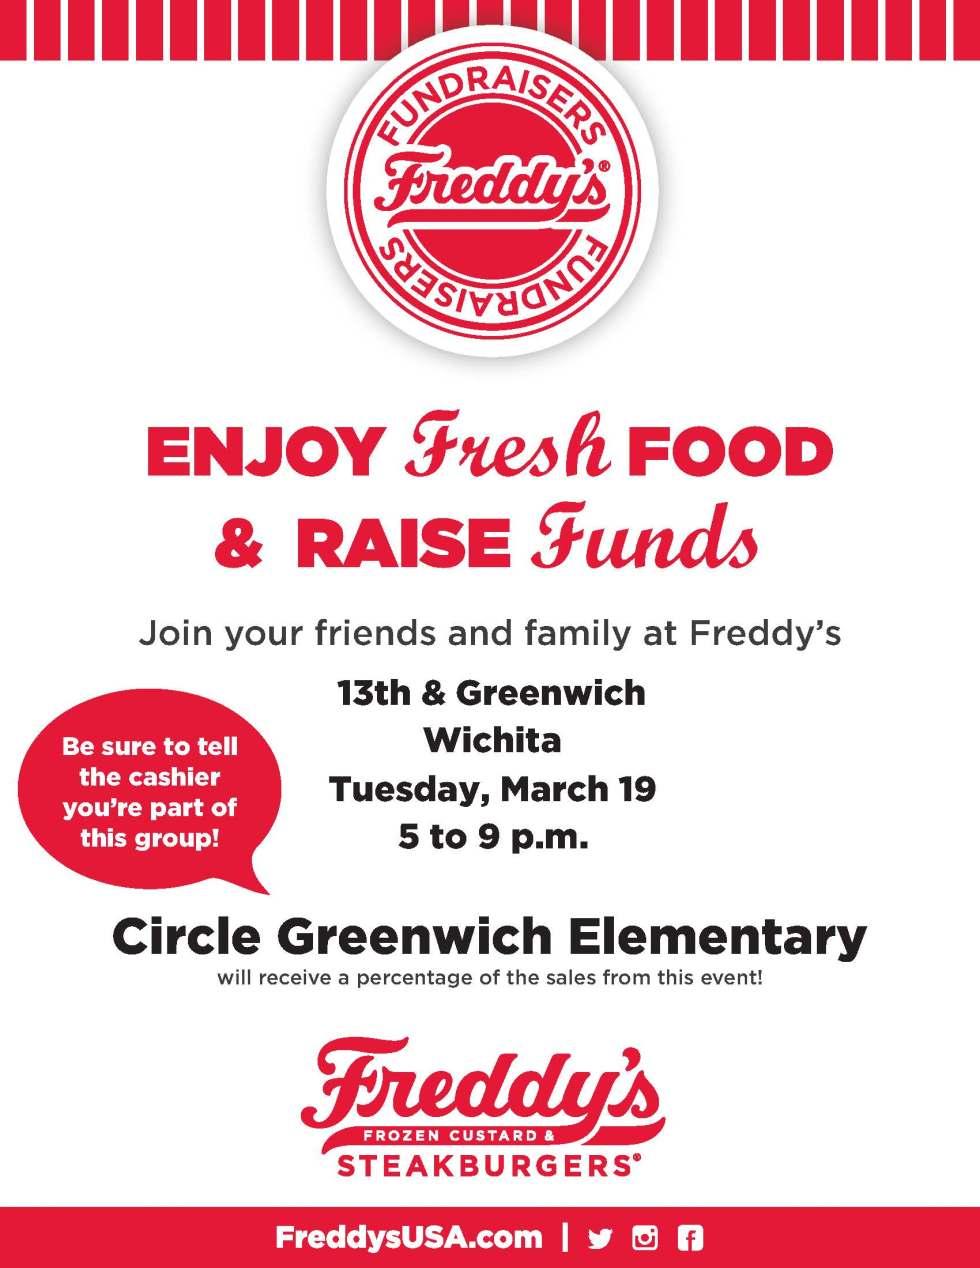 Freddys_Circle Greenwich_Full